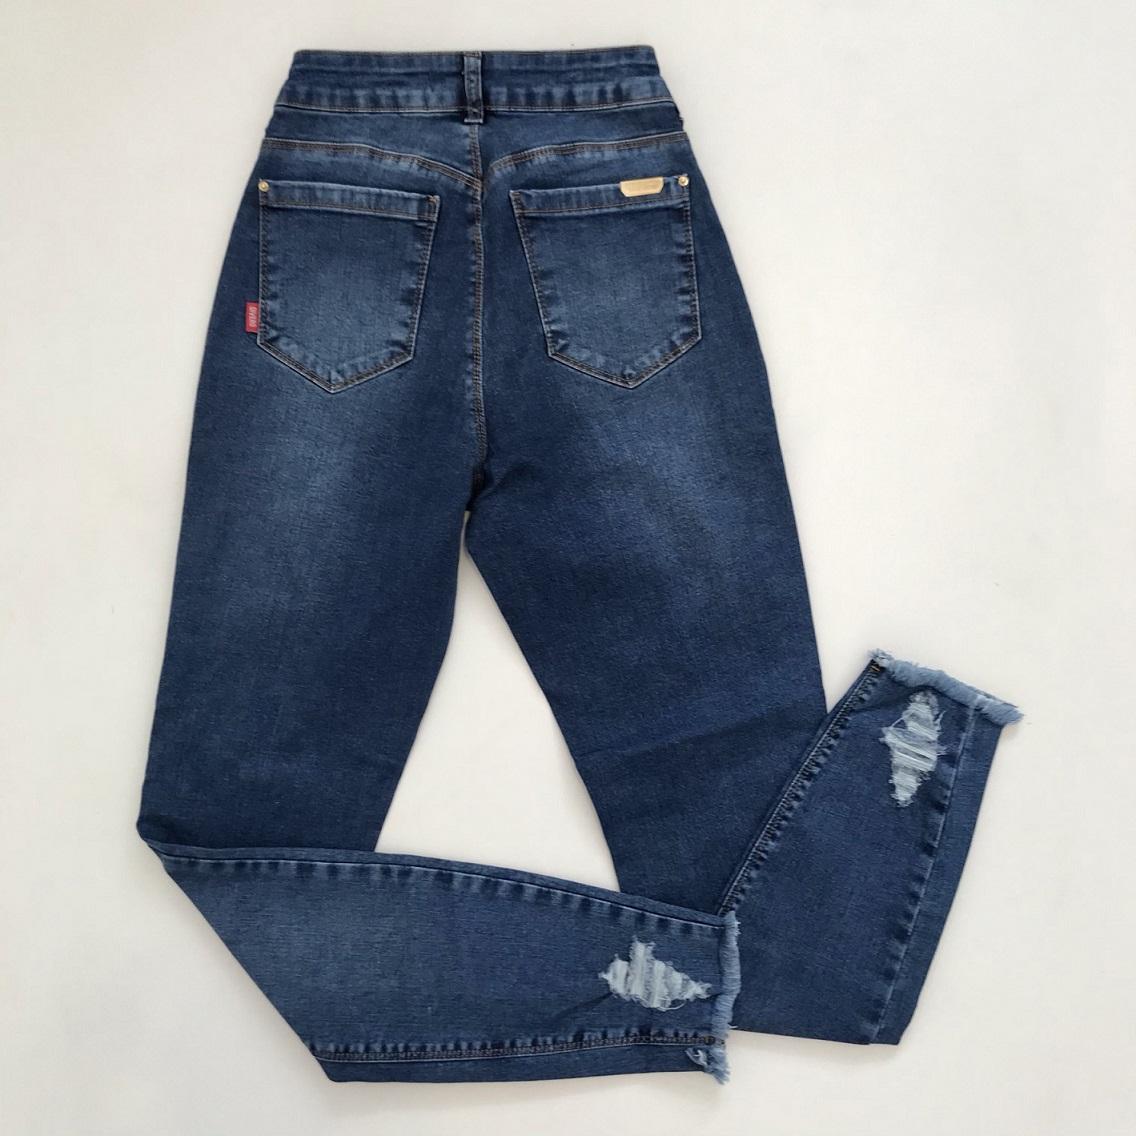 Calça Jeans Bruna